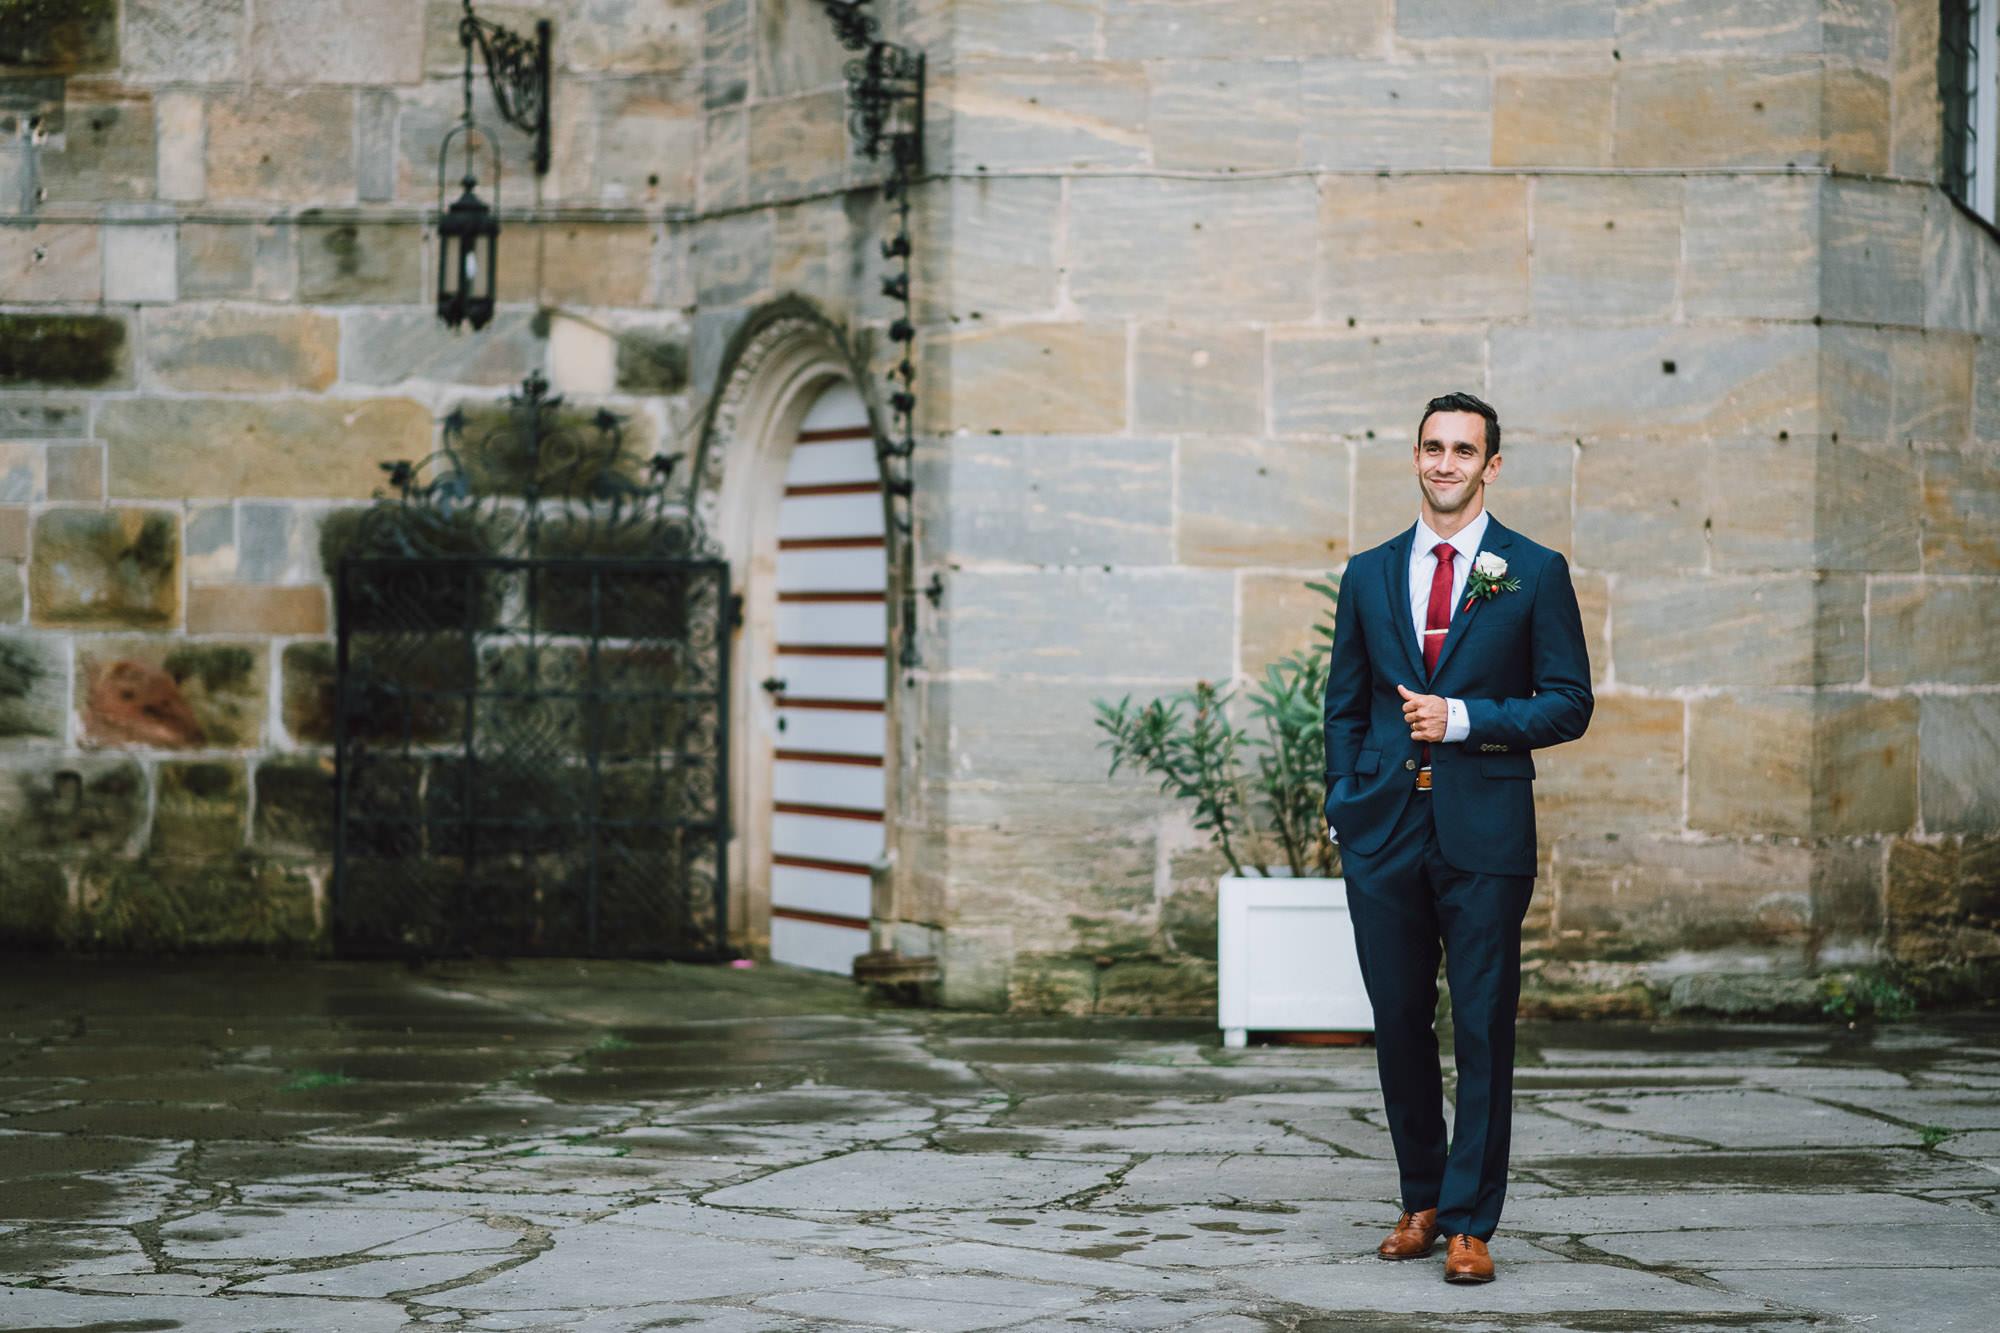 rustic-elegant-wedding-schloss-hochzeit-eyrichshof-franken-bamberg-096